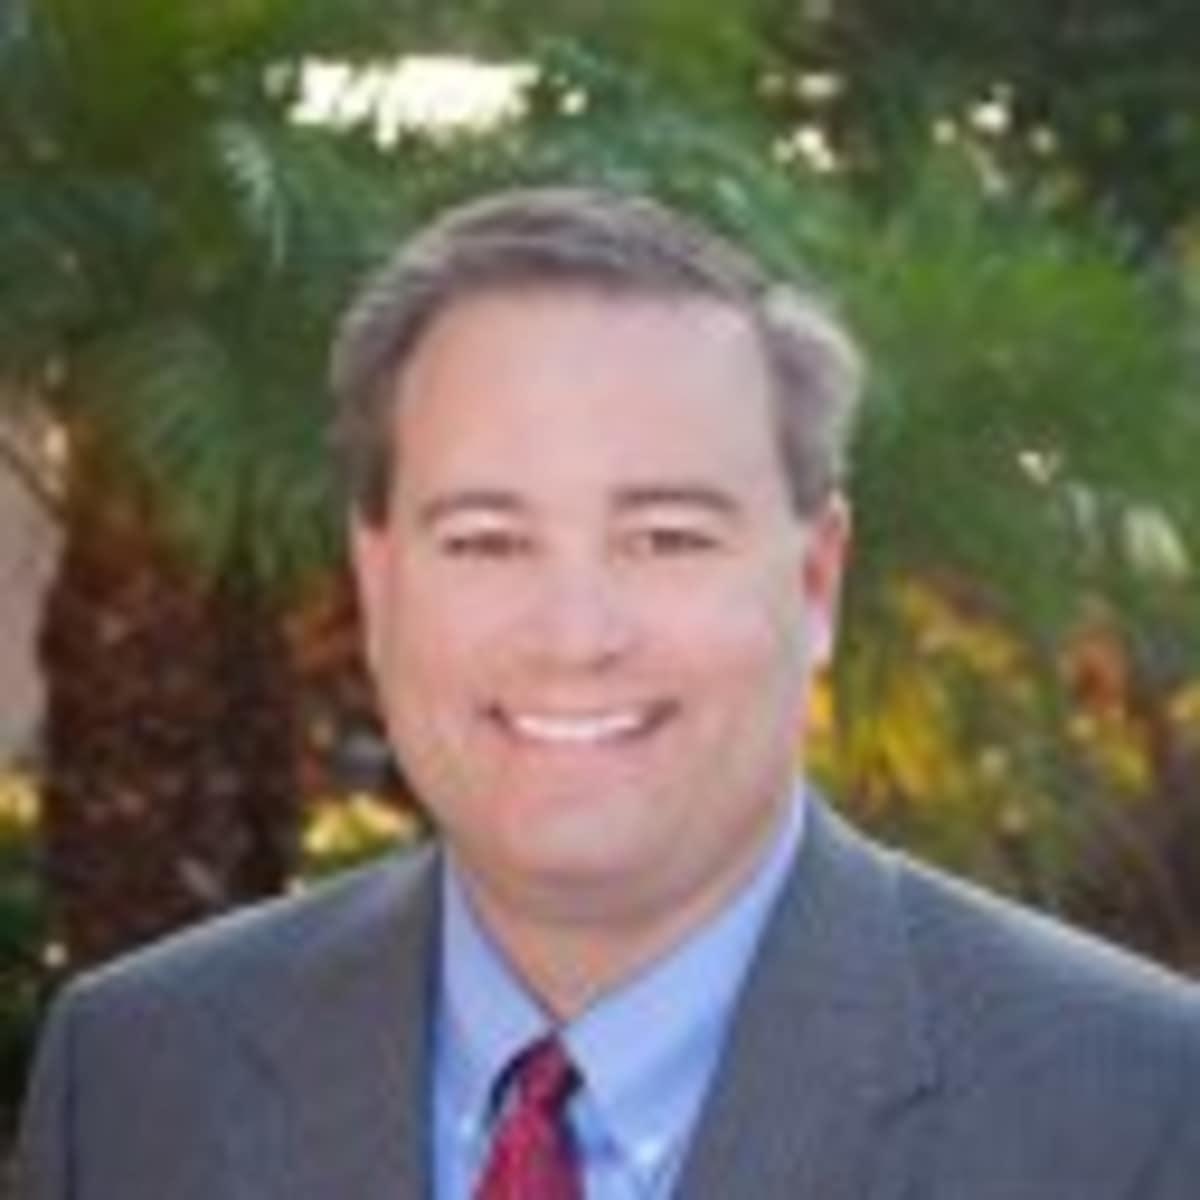 Dr Michael Borenstein Md Phd Palm Beach Gardens Fl